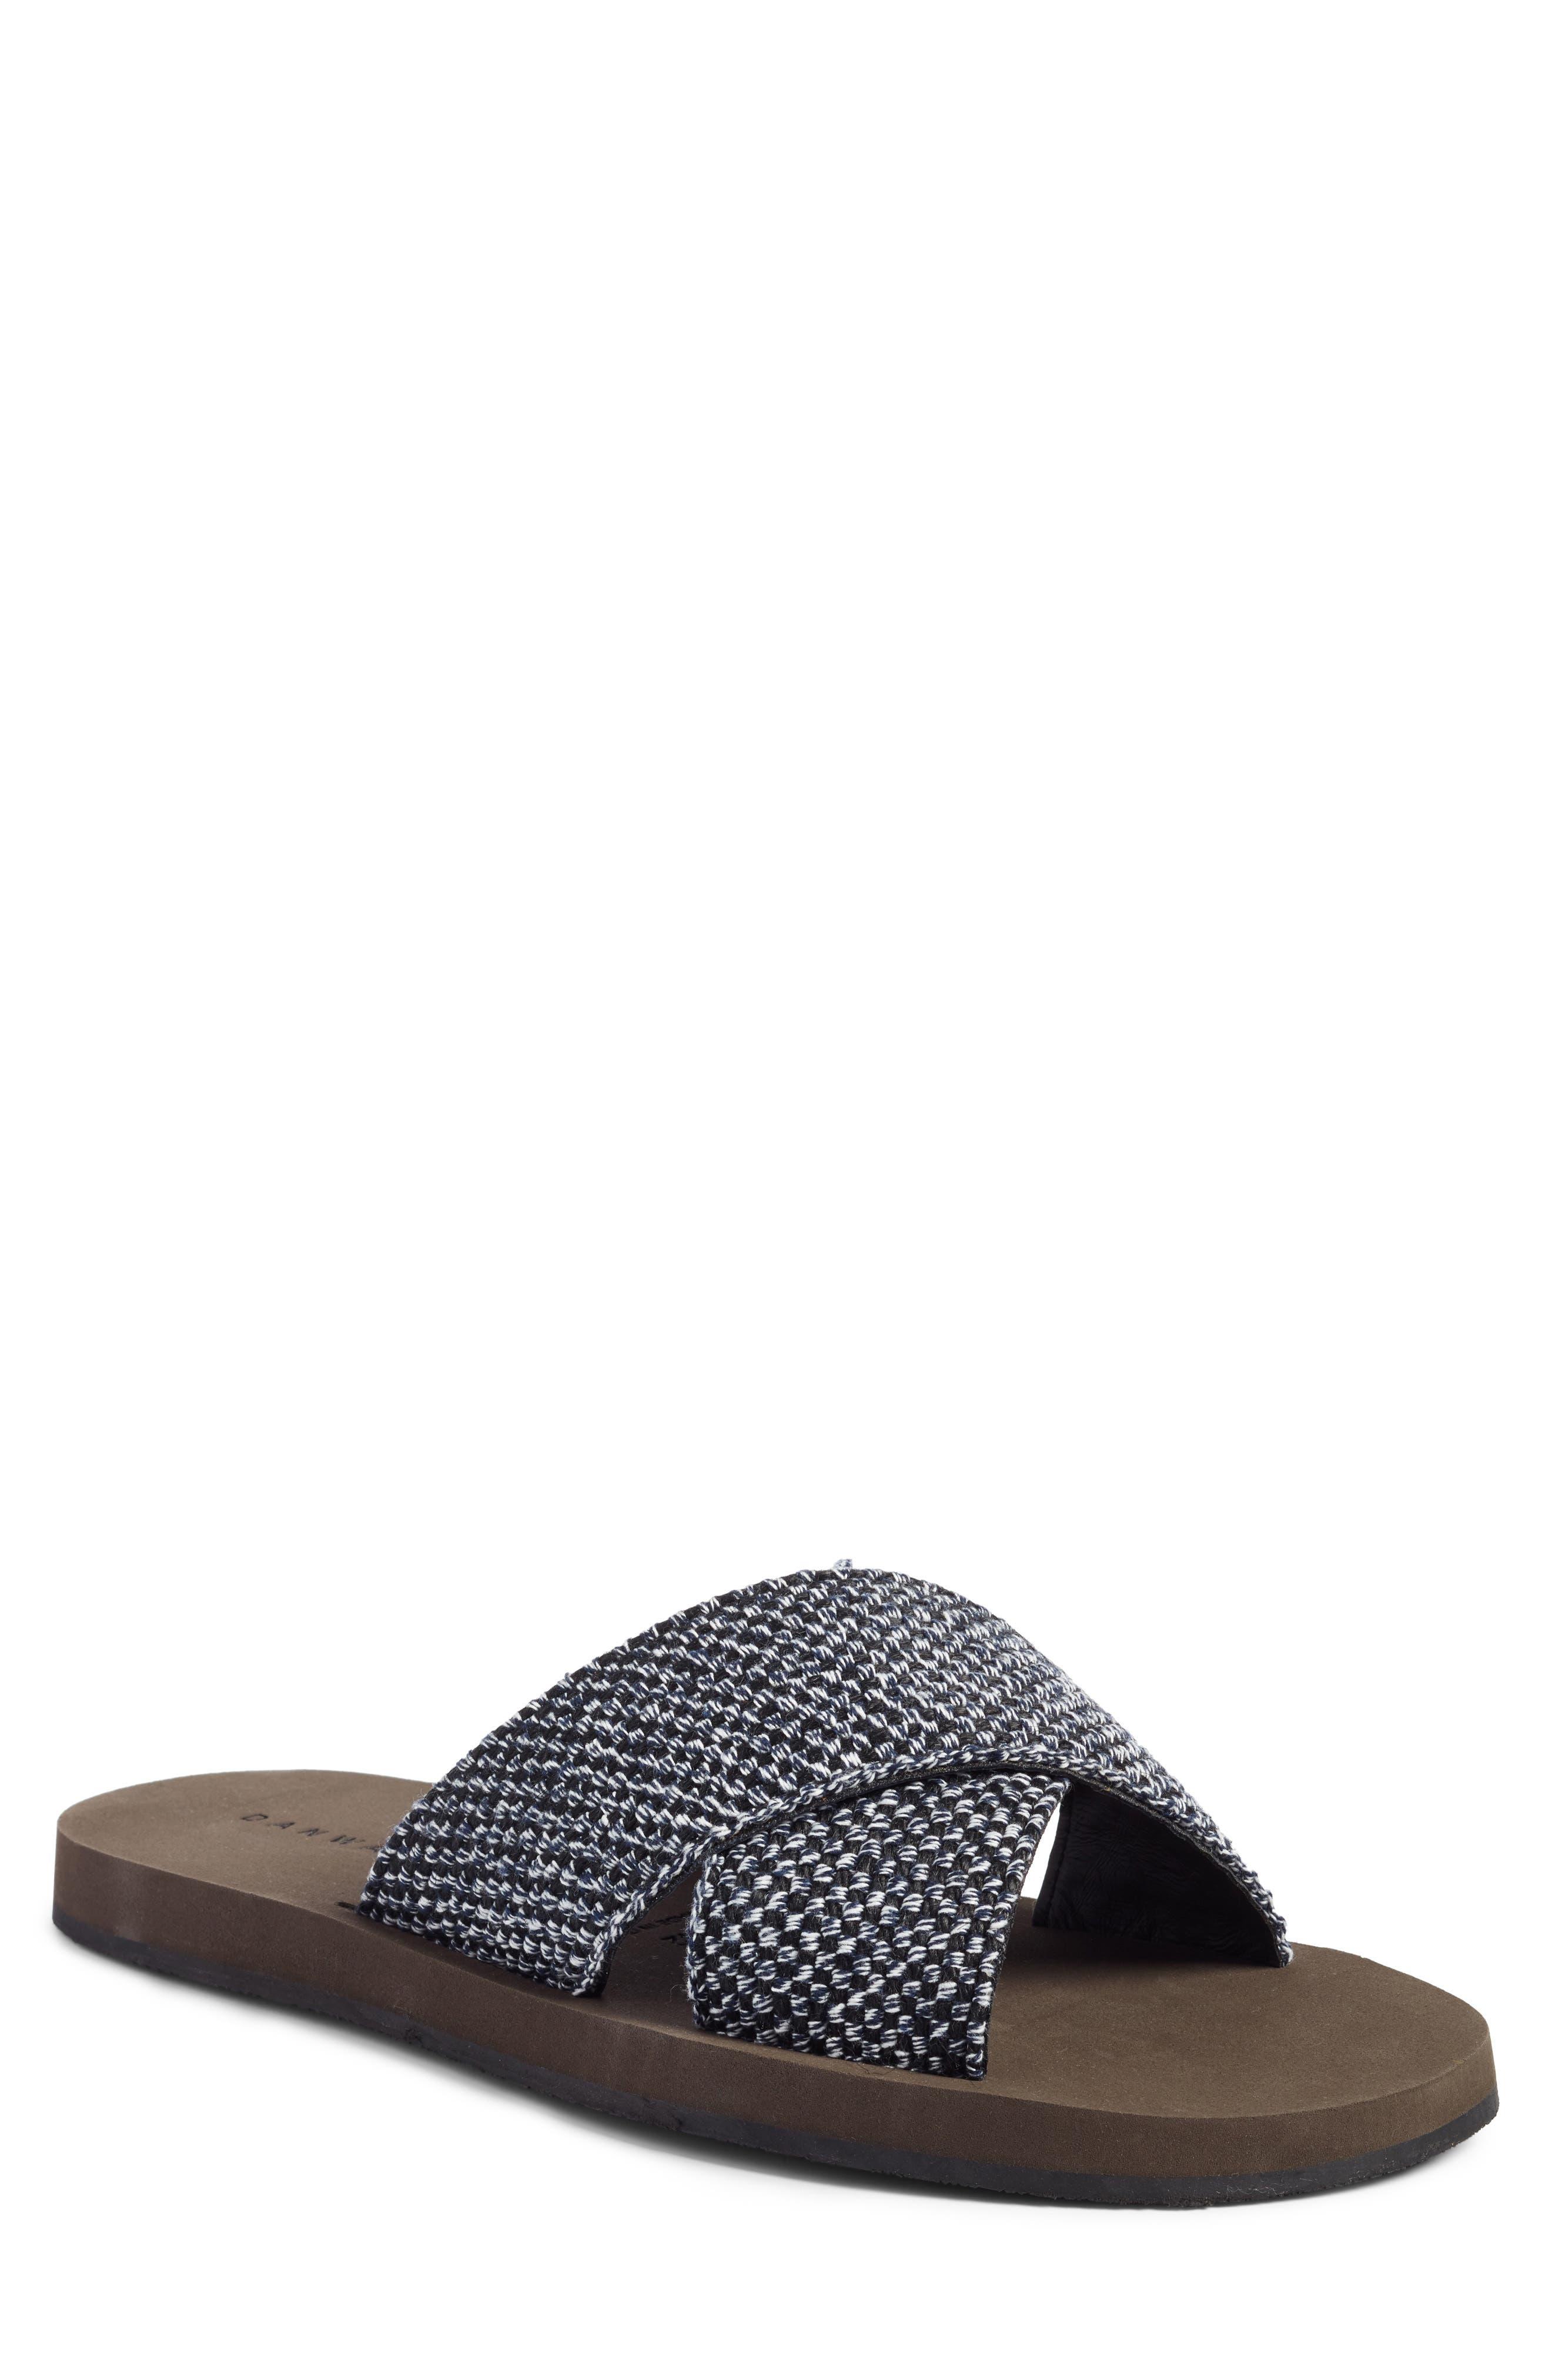 Main Image - DANWARD Criss Cross Slide Sandal (Men)